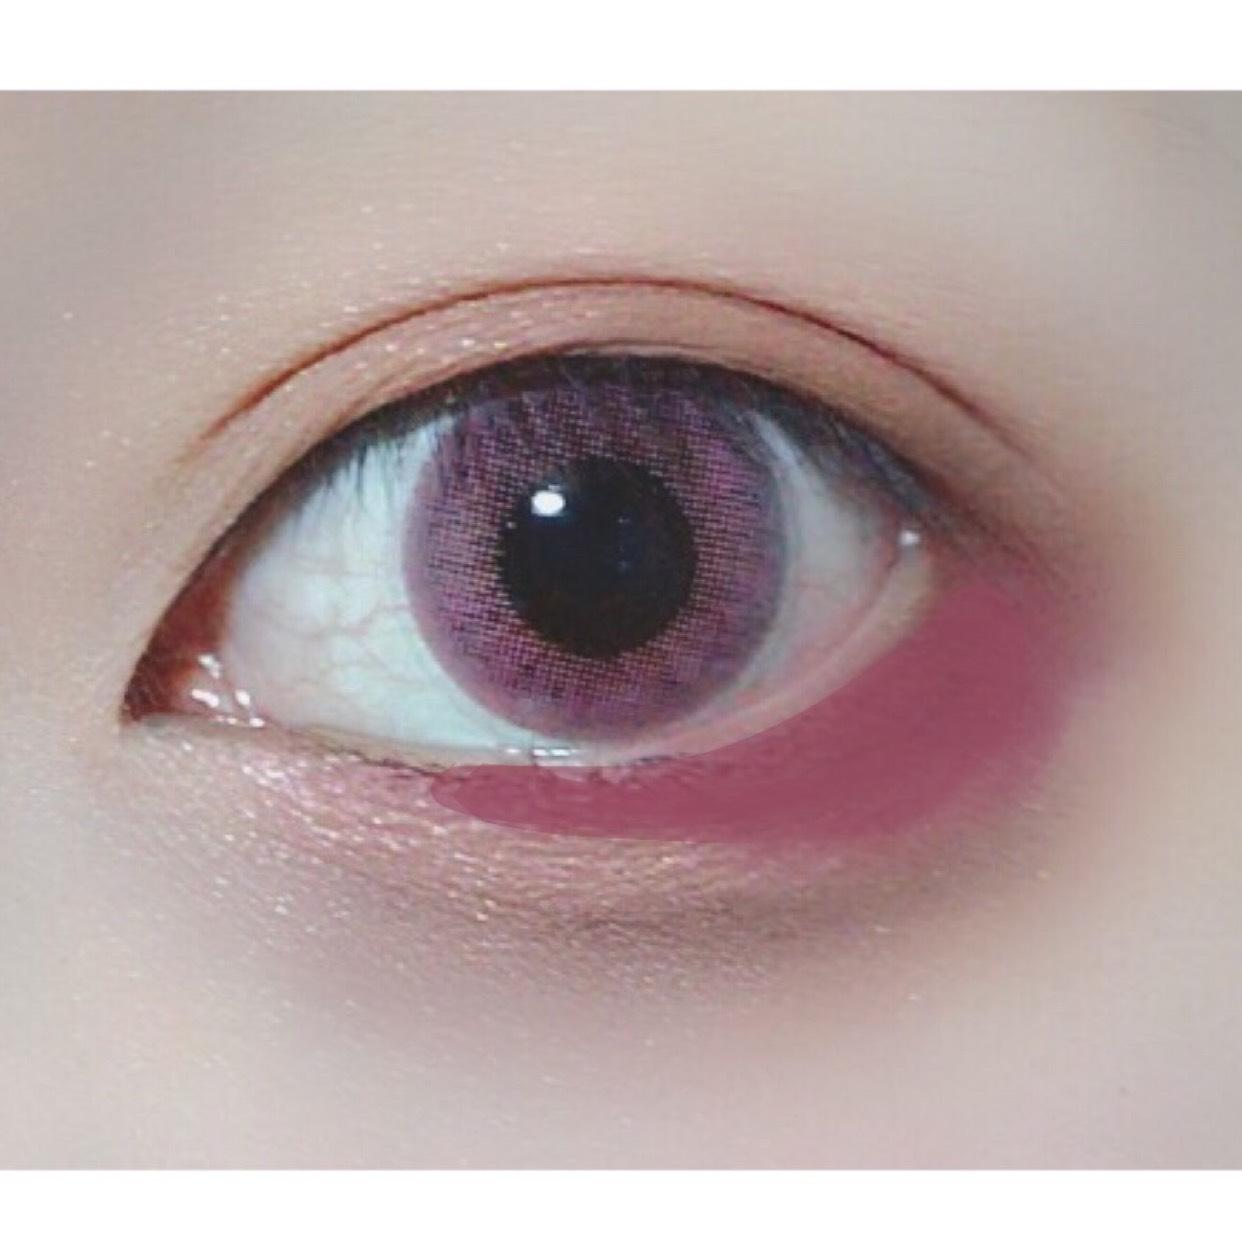 目尻に描いた濃いブラウンをPLAY101PENCIL#30でぼかします。(黒目の目頭側のフチまで)  発色が強いので描くのではなくトントントンとタップするように。